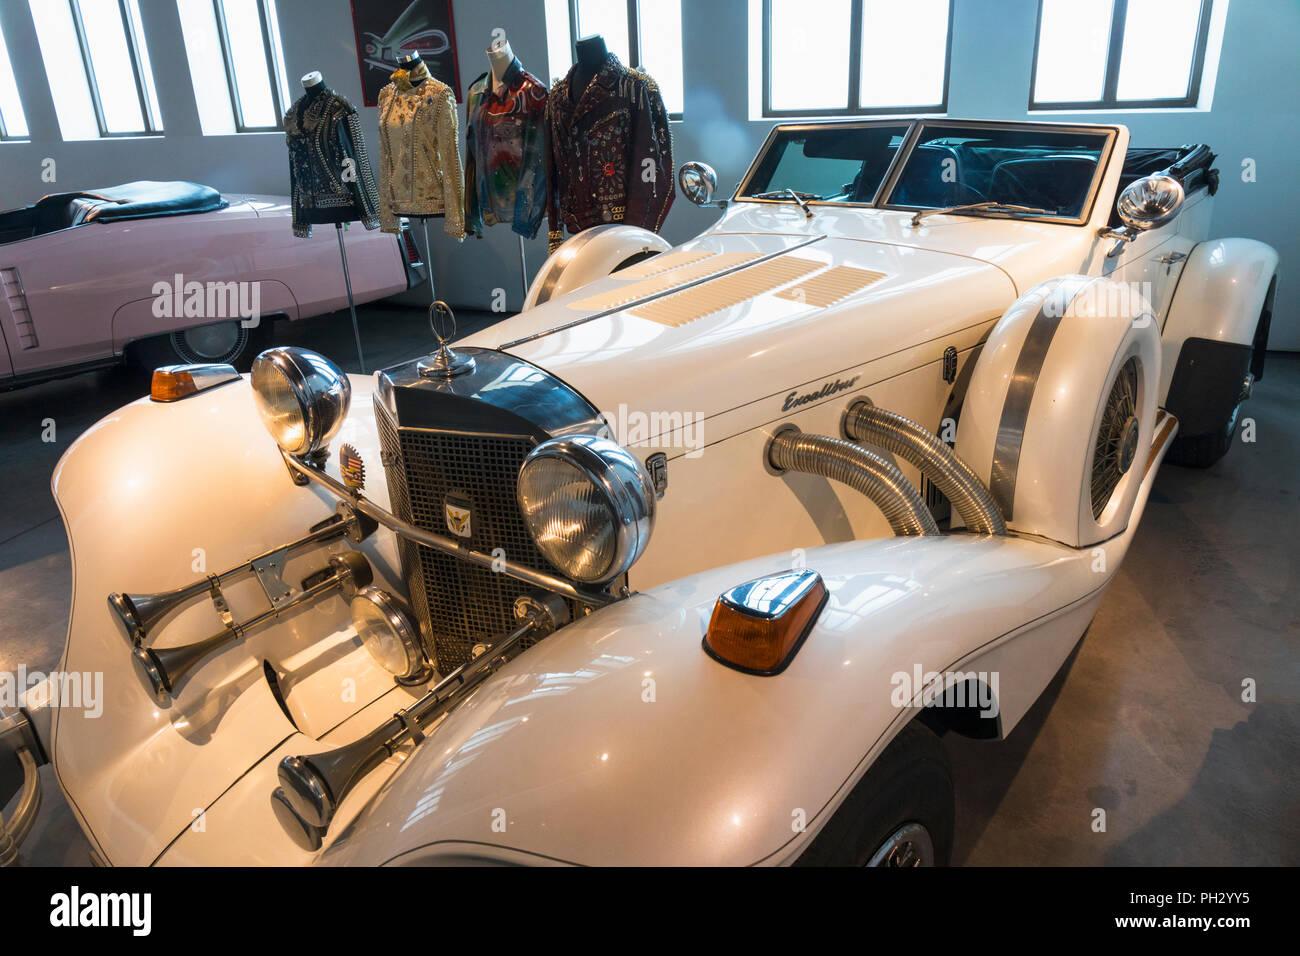 Museo automovilistico y de la Moda, Málaga, provincia de Málaga, España. Museo del Automóvil y de la moda. La Limited Edition V8 de 155 HP, 5000 cc, modelo IV Imagen De Stock